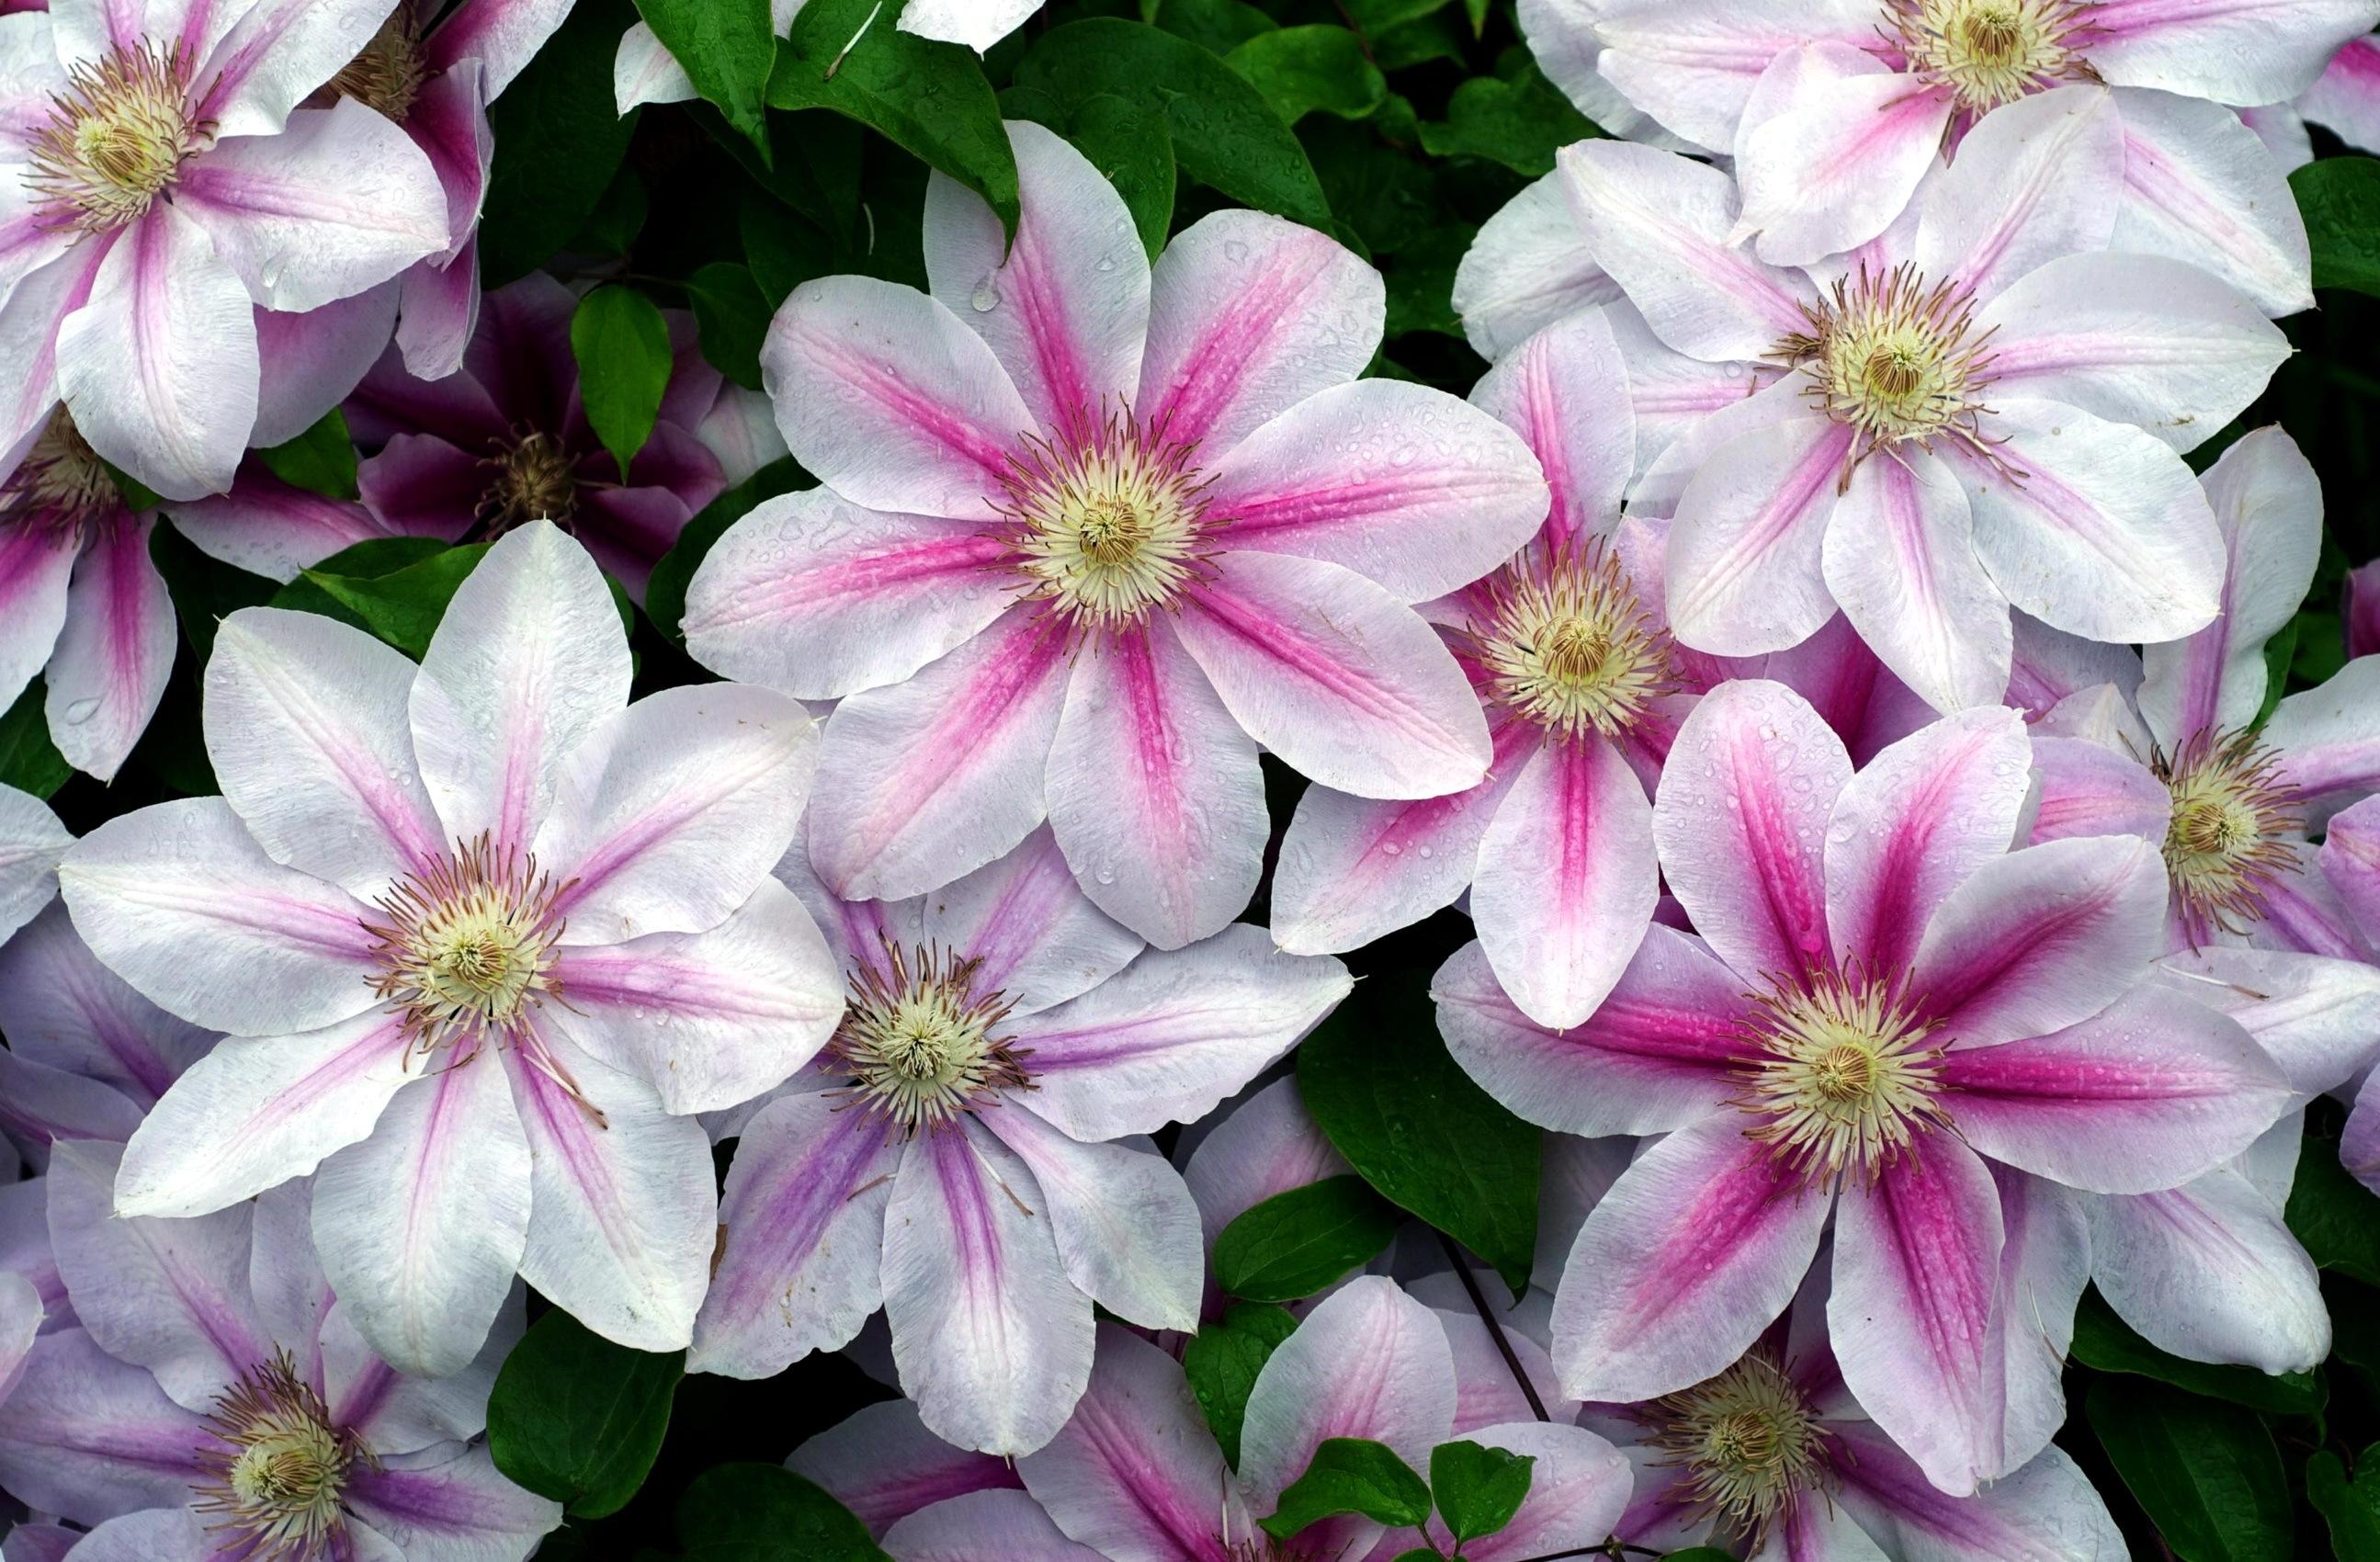 Garden Design Garden Design with Garden flowers of clematis on